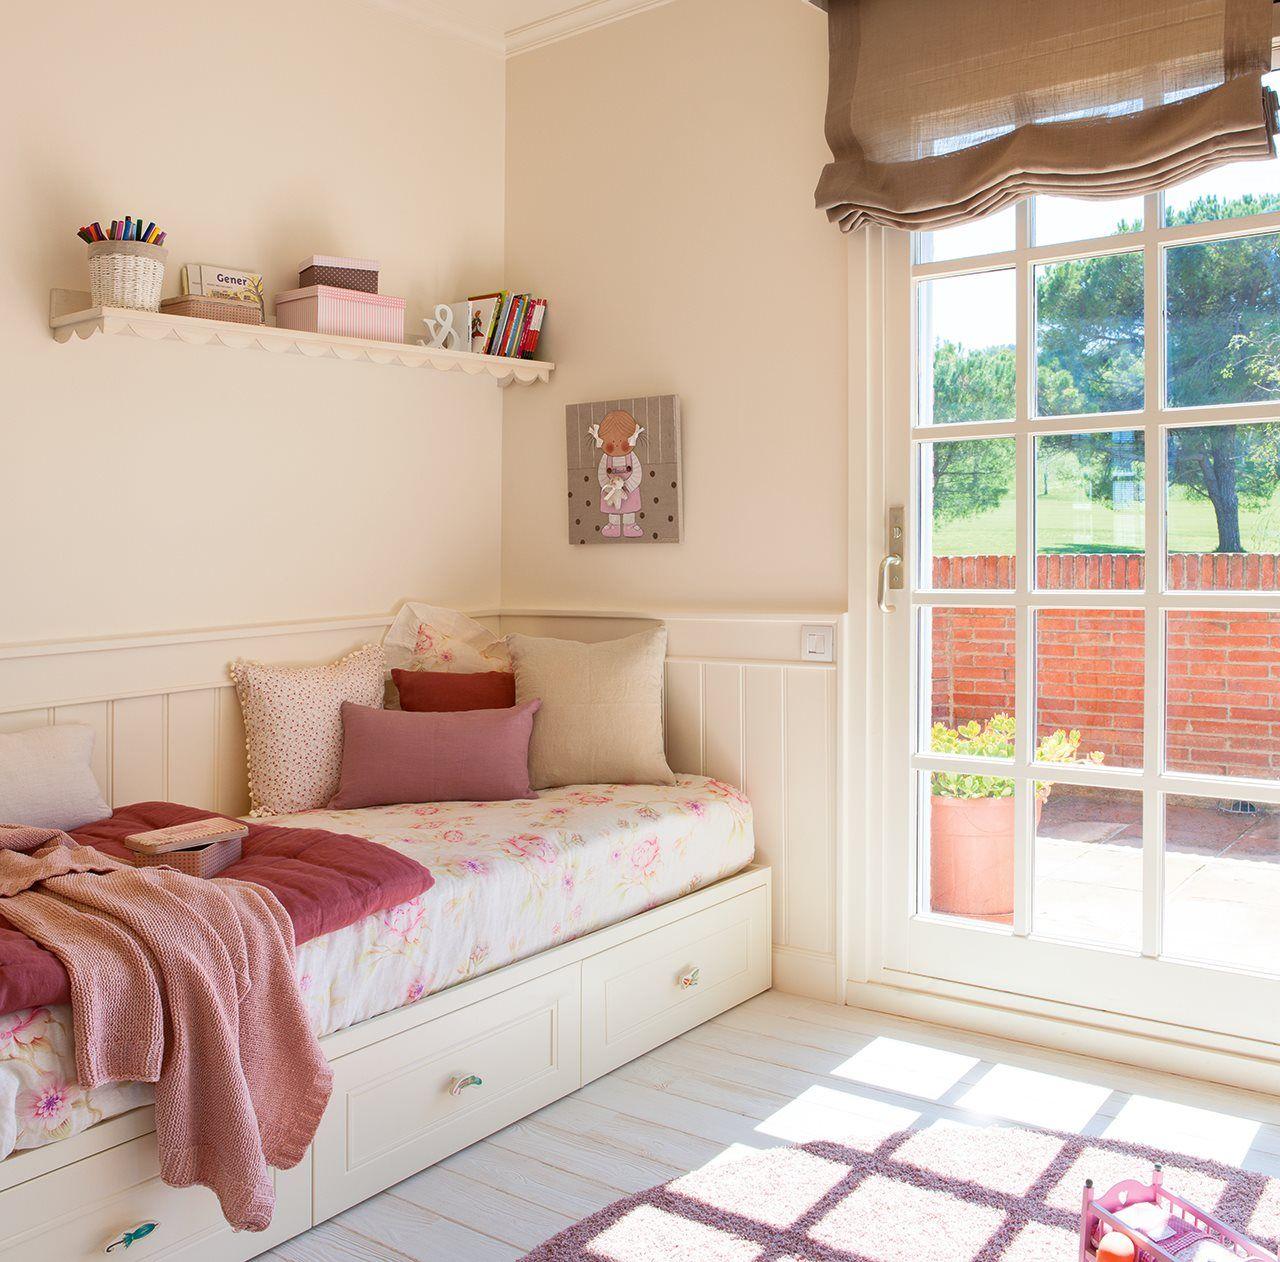 Dormitorio de niña con salida a la terraza.  e9a1476168